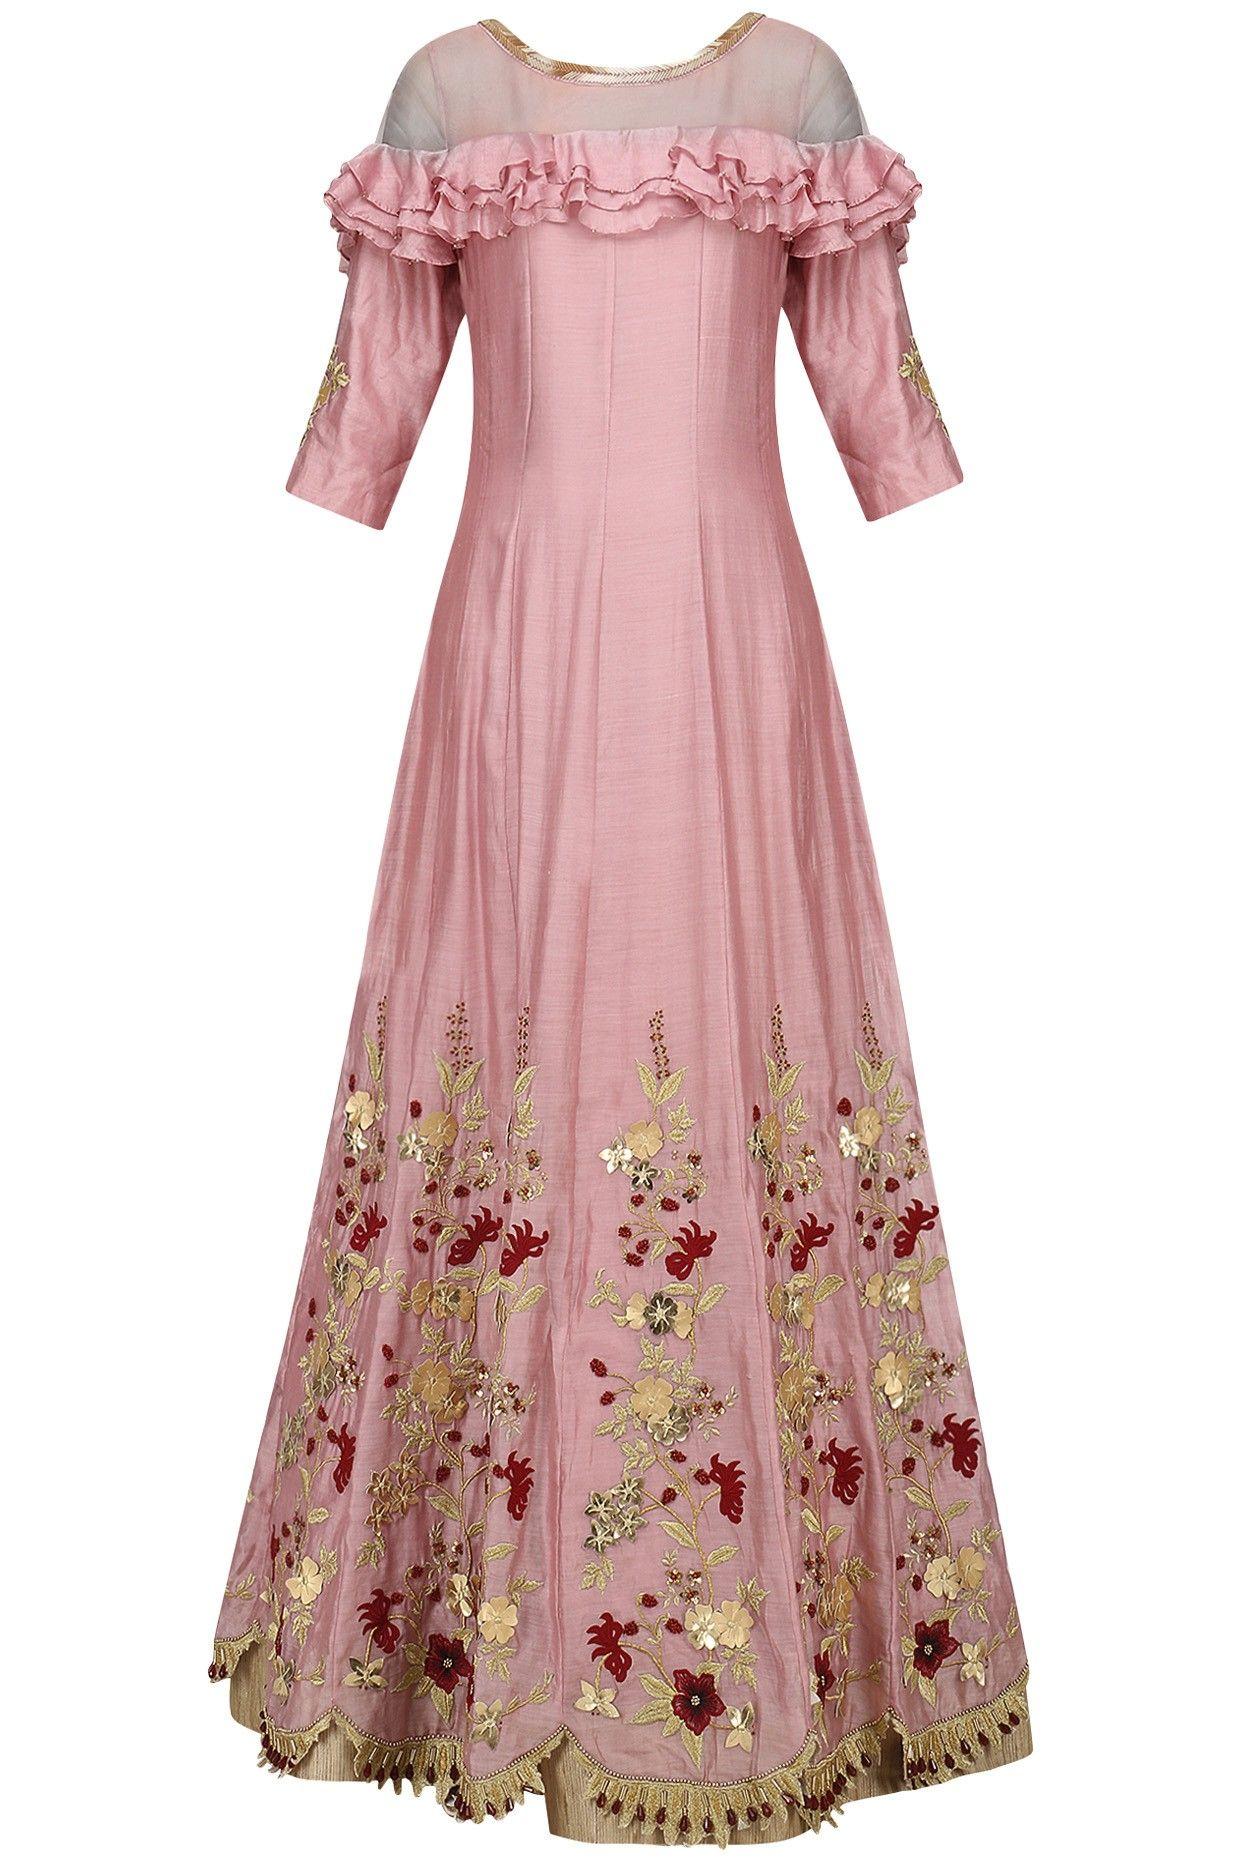 VARSHA WADHWA Pink Zari-Sequins-Cutdana Embroidered Anarkali Set ...